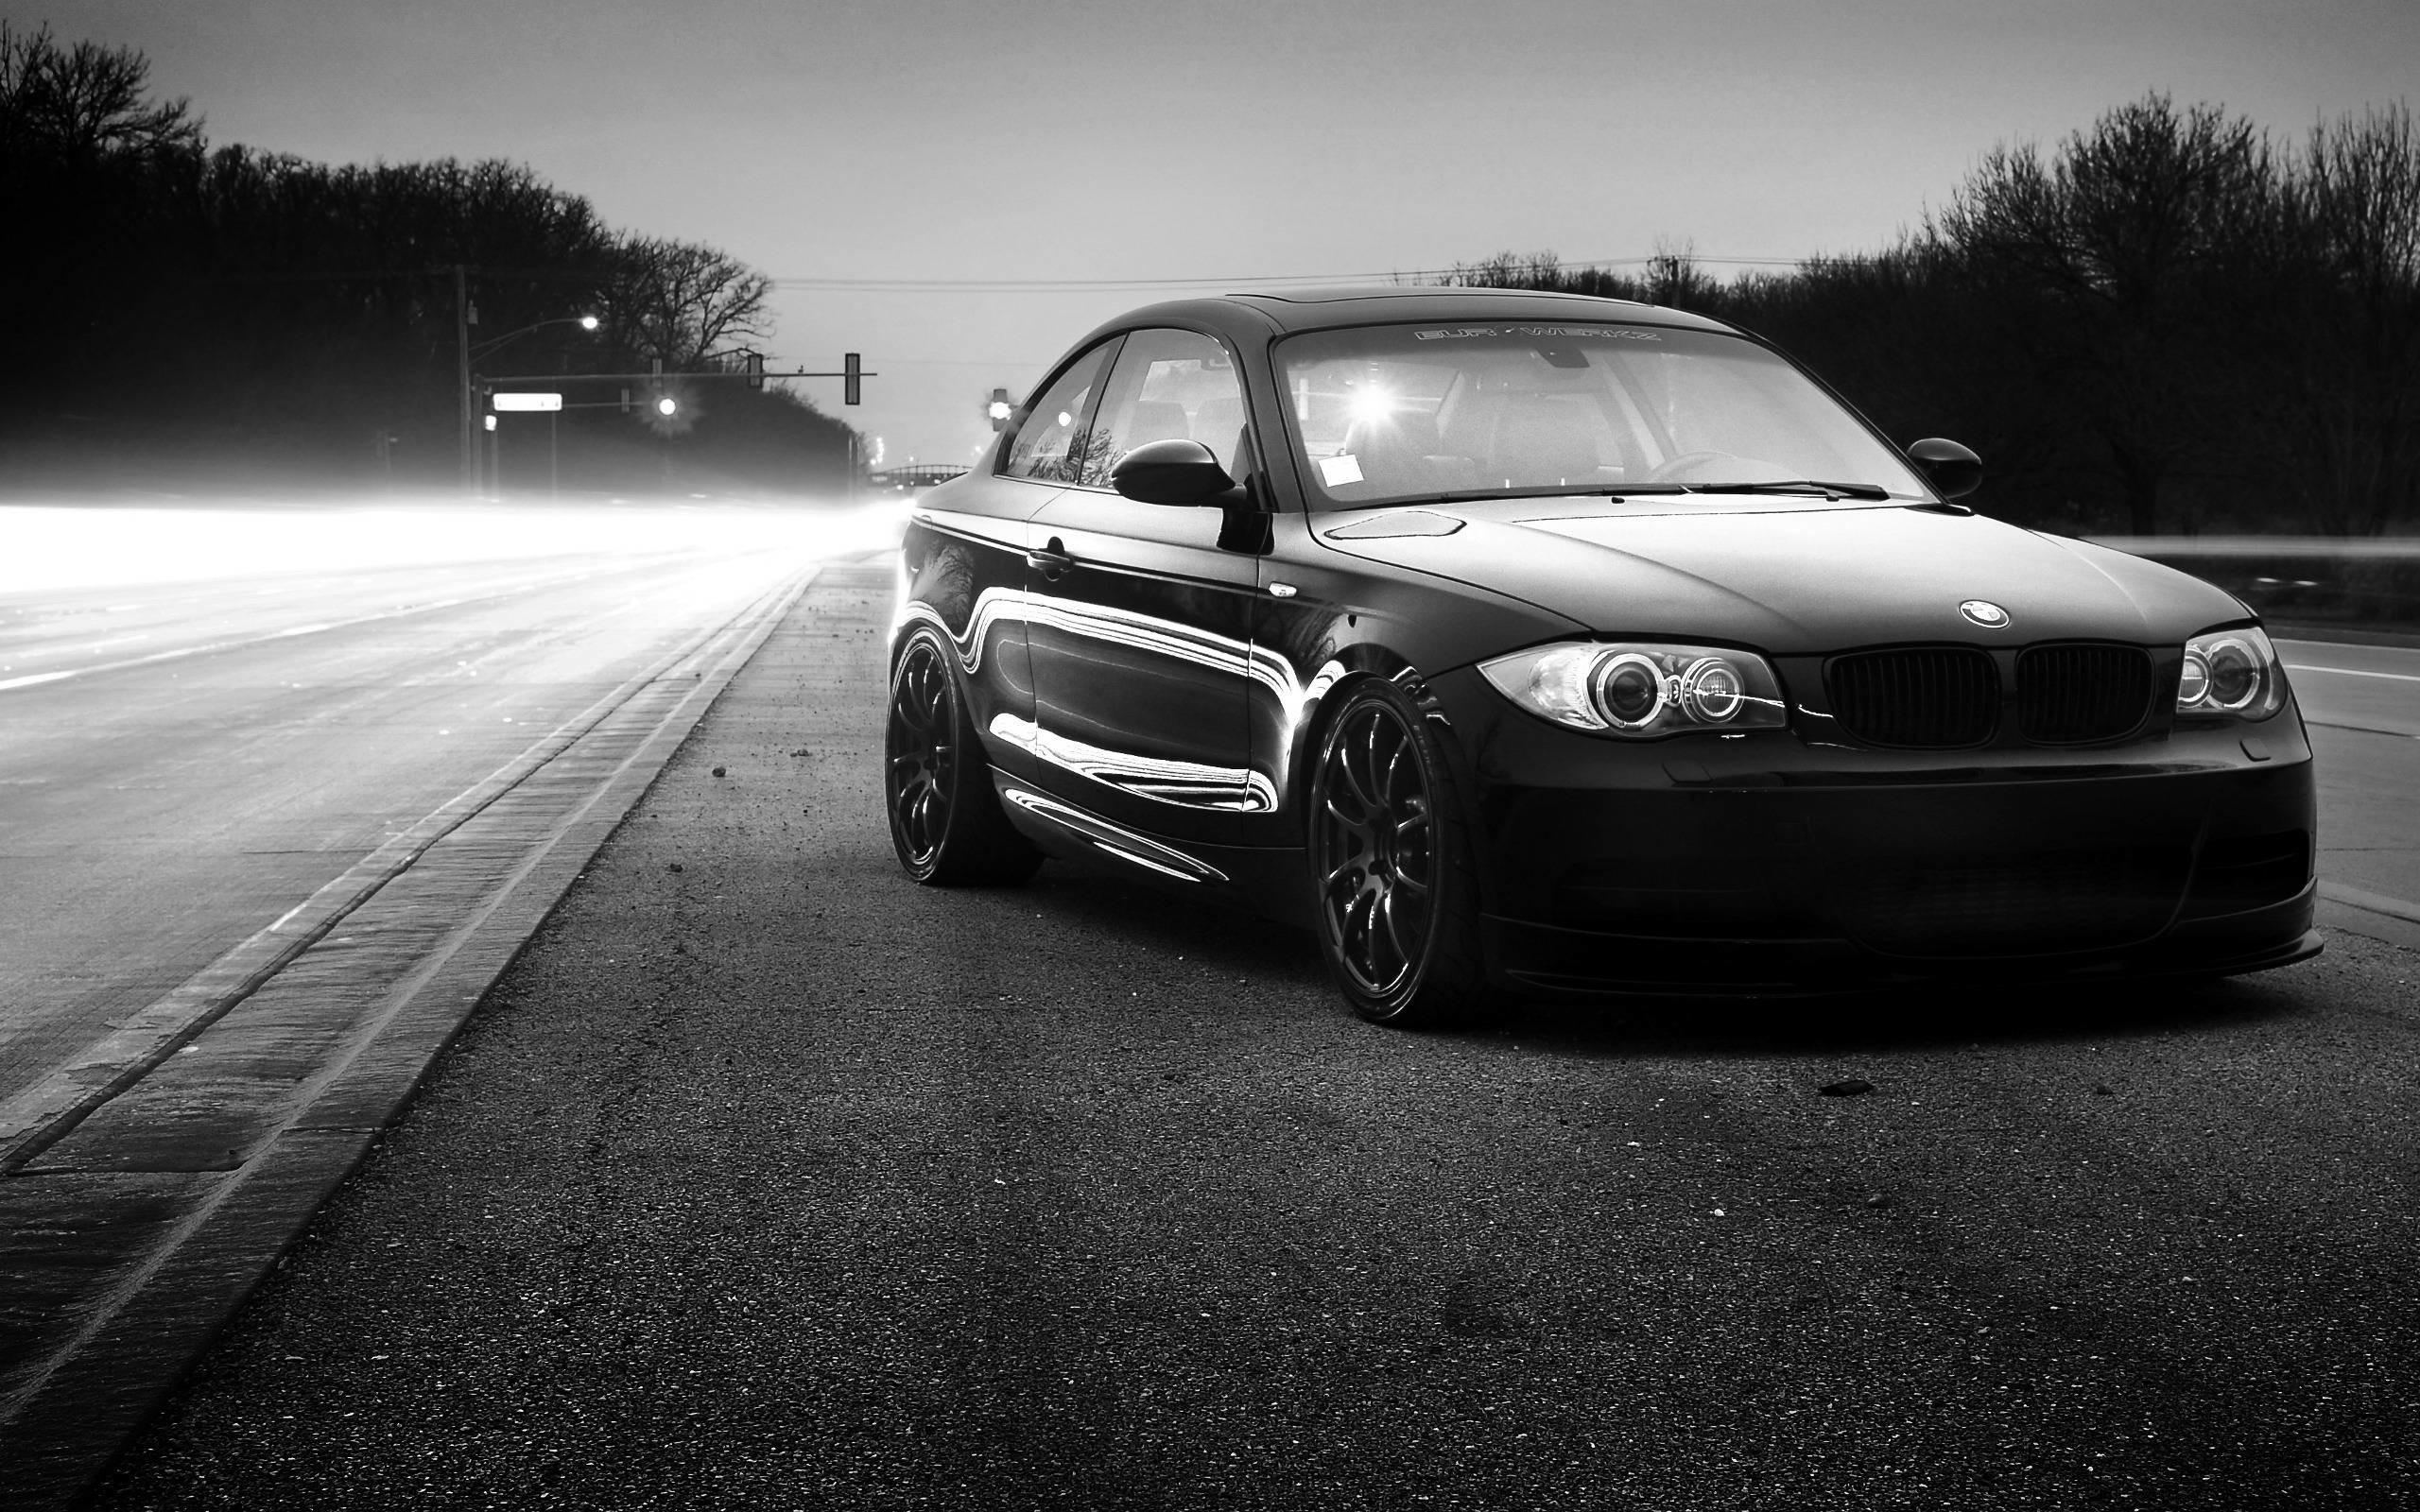 BMW 135I Wallpaper 58 images 2560x1600